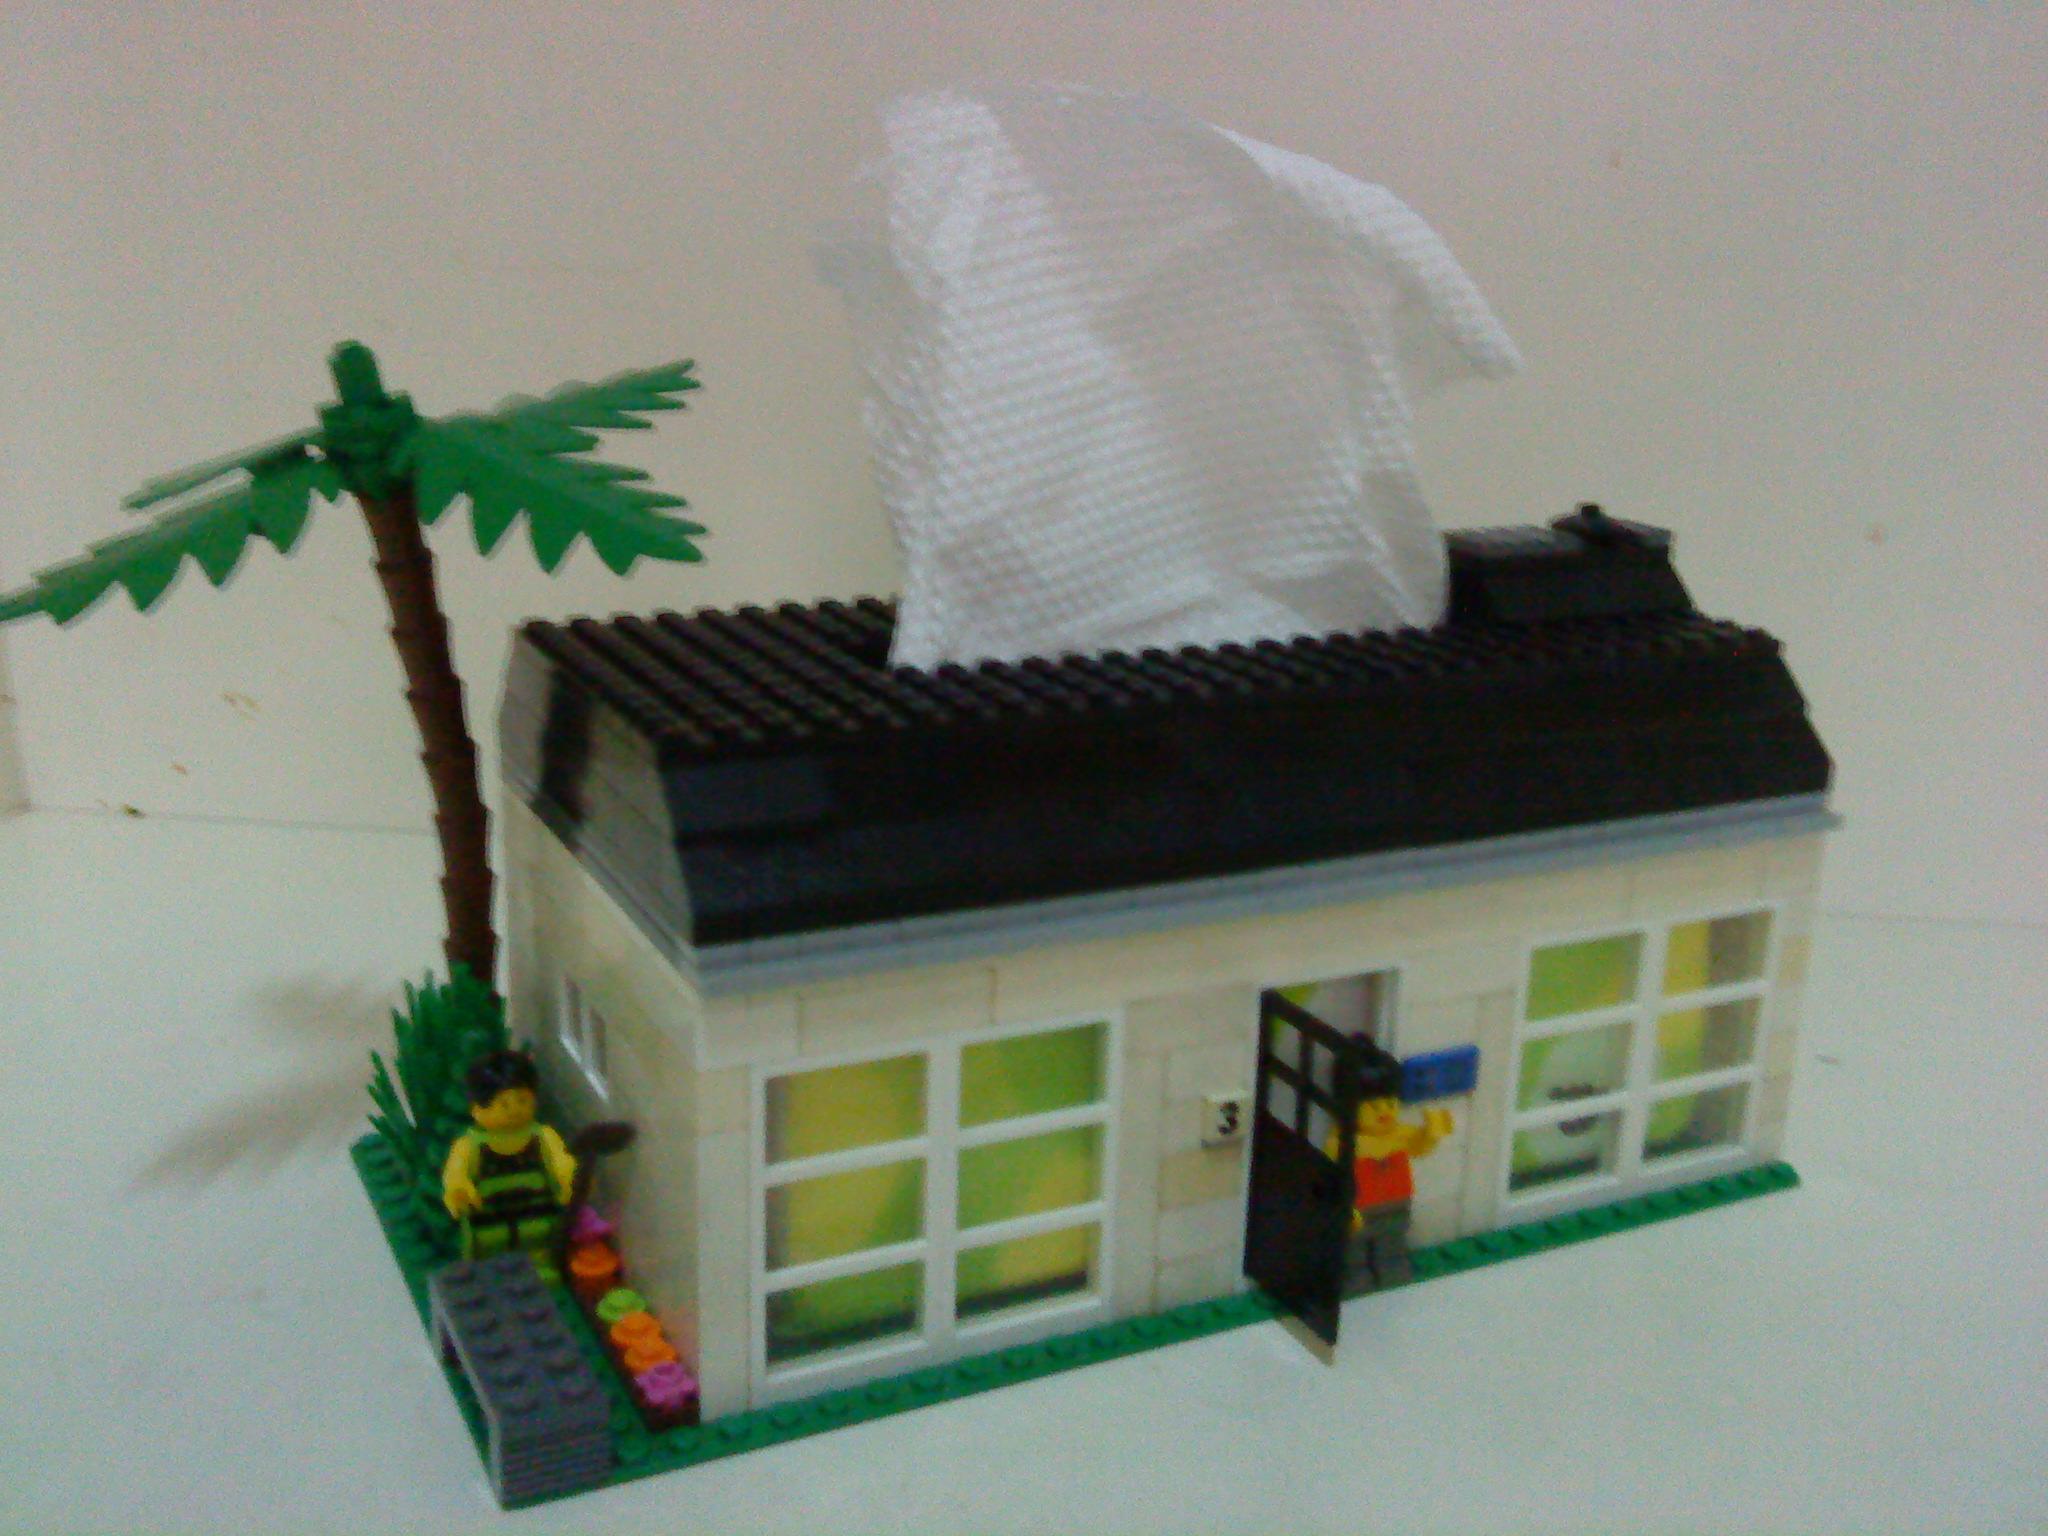 房屋造型面纸盒